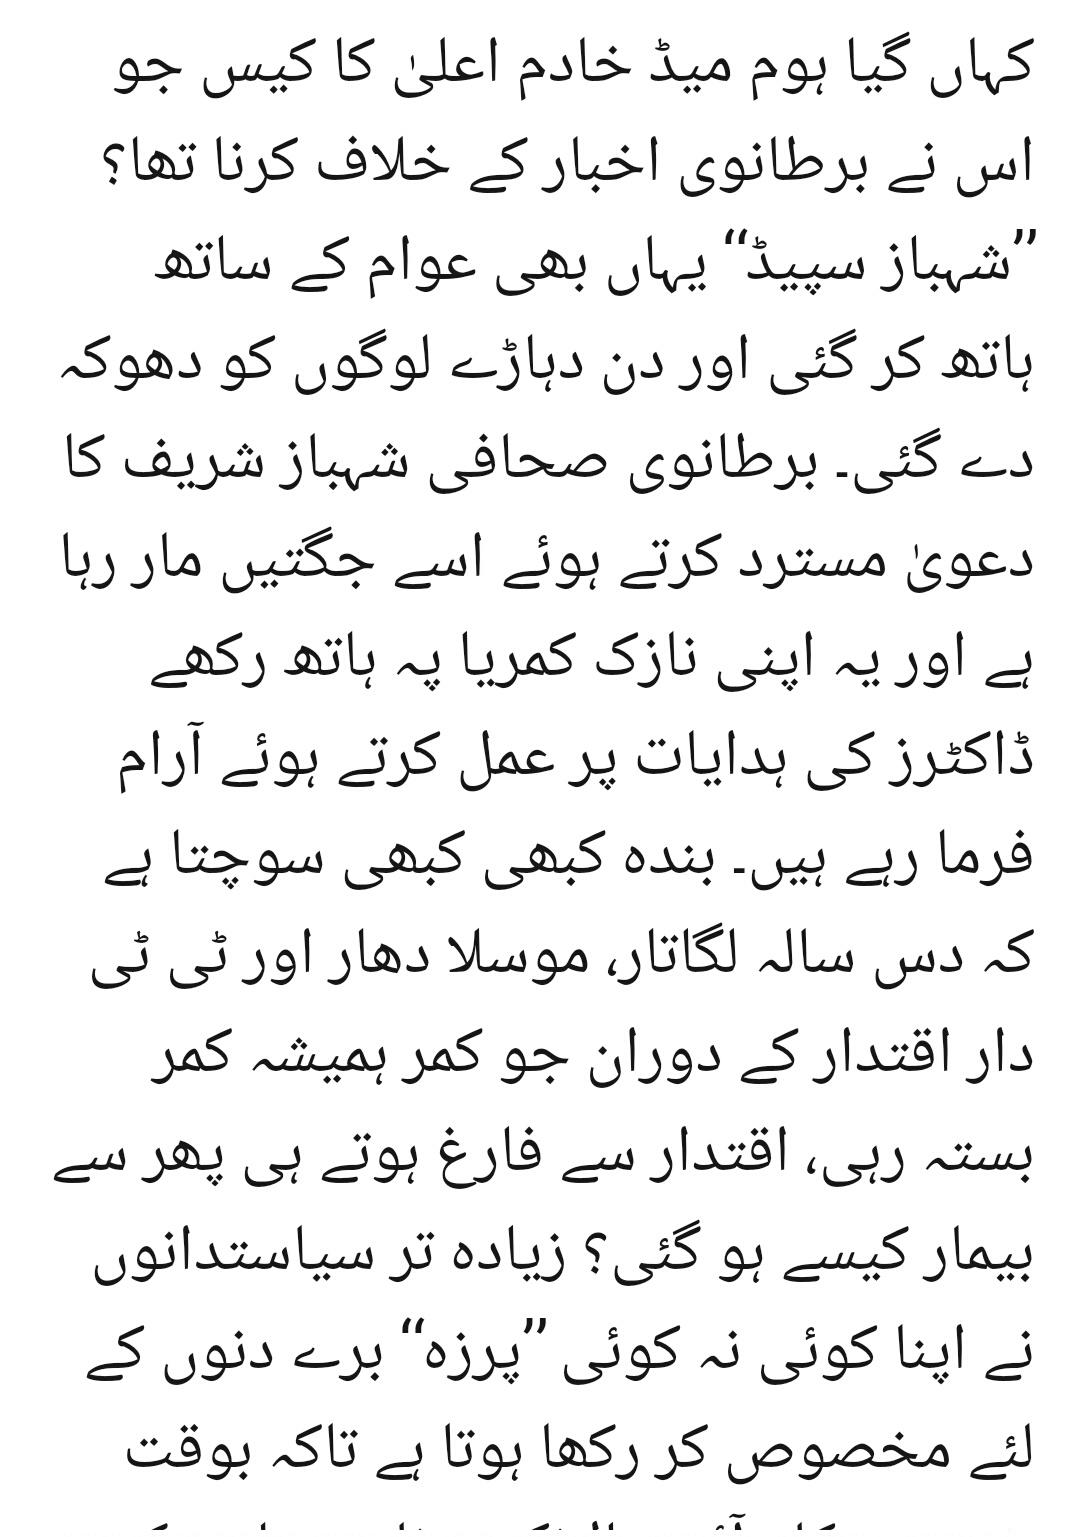 Hassan Nisar today Urdu Column 28 August 2019